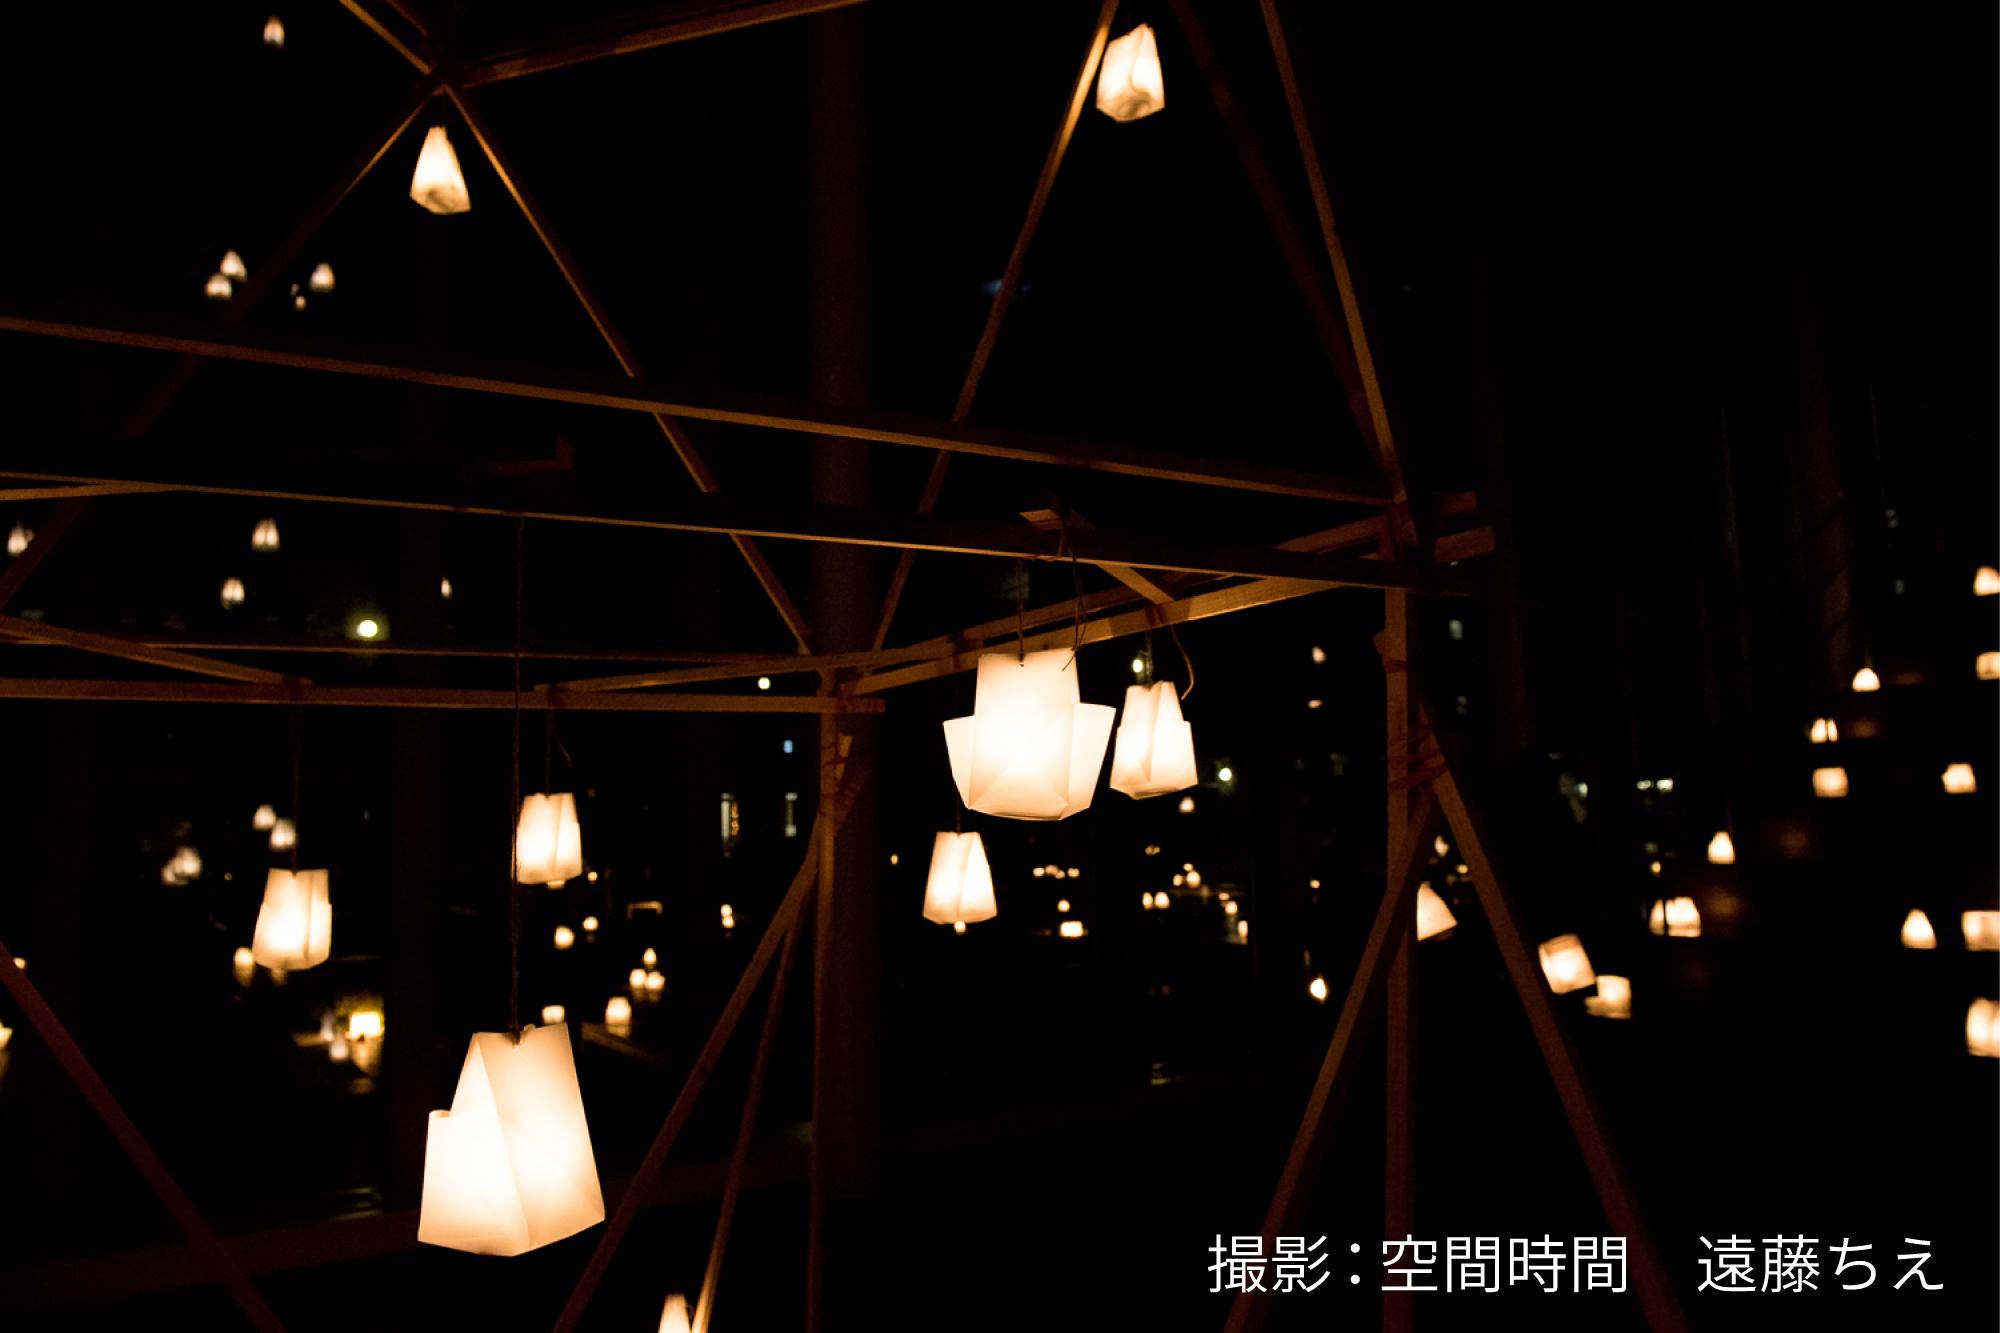 実践女子大学  学生のアイデアでキャンパスを照らすライトアップイベント「光の庭」2018 開催at日野 この場所でこんな景色が見られるなんて、知らなかった。